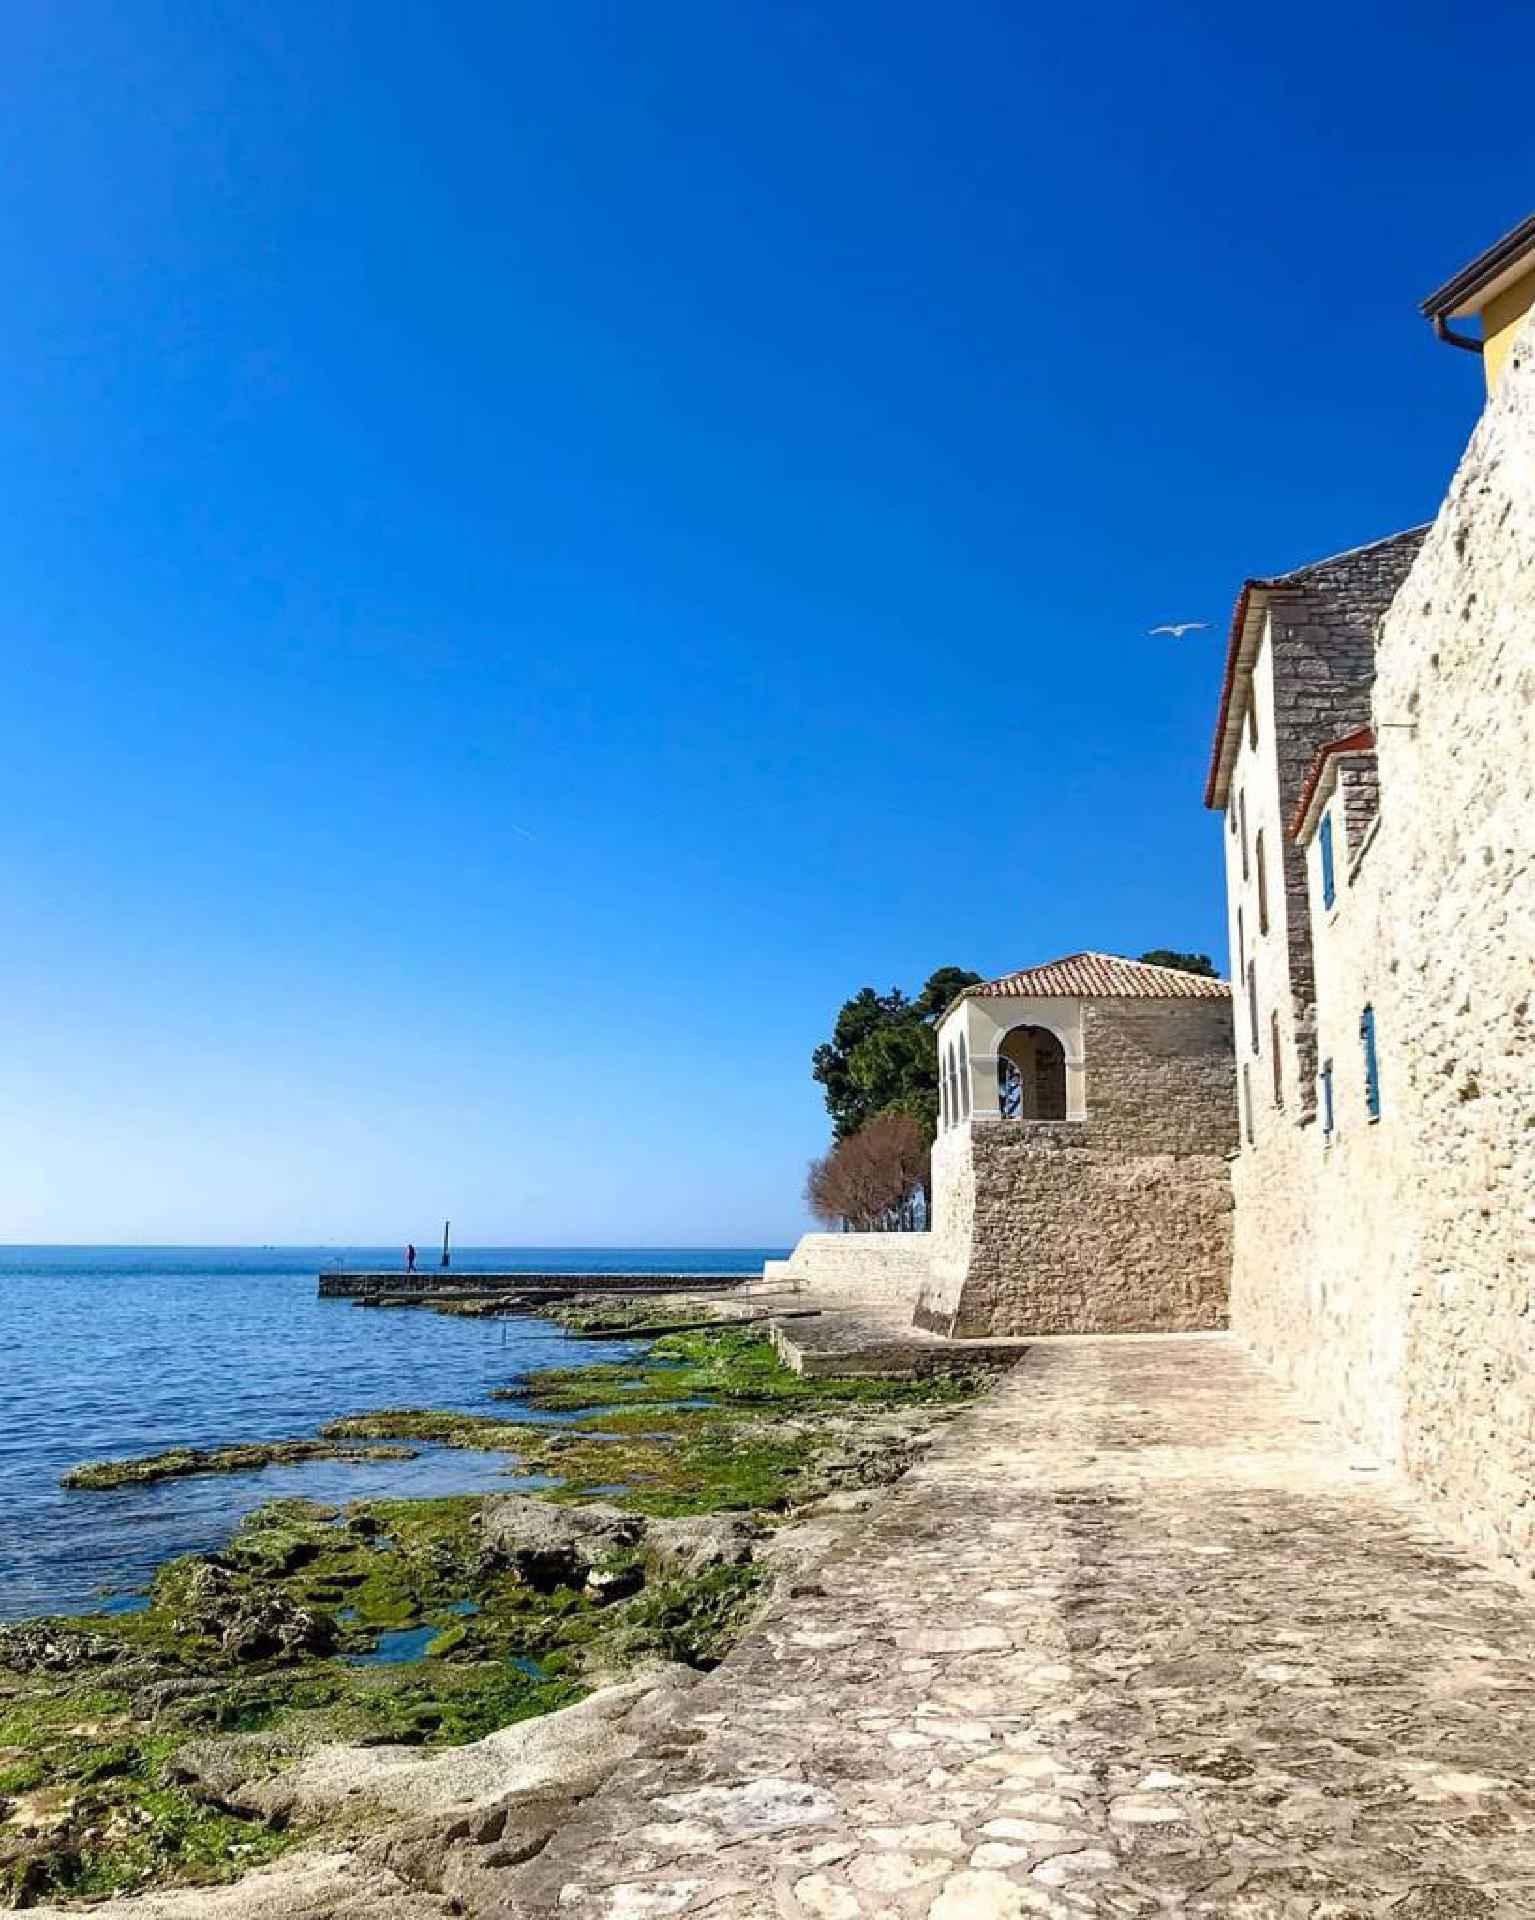 Ferienwohnung nur 50 m zur Adria (278904), Zadar, , Dalmatien, Kroatien, Bild 19